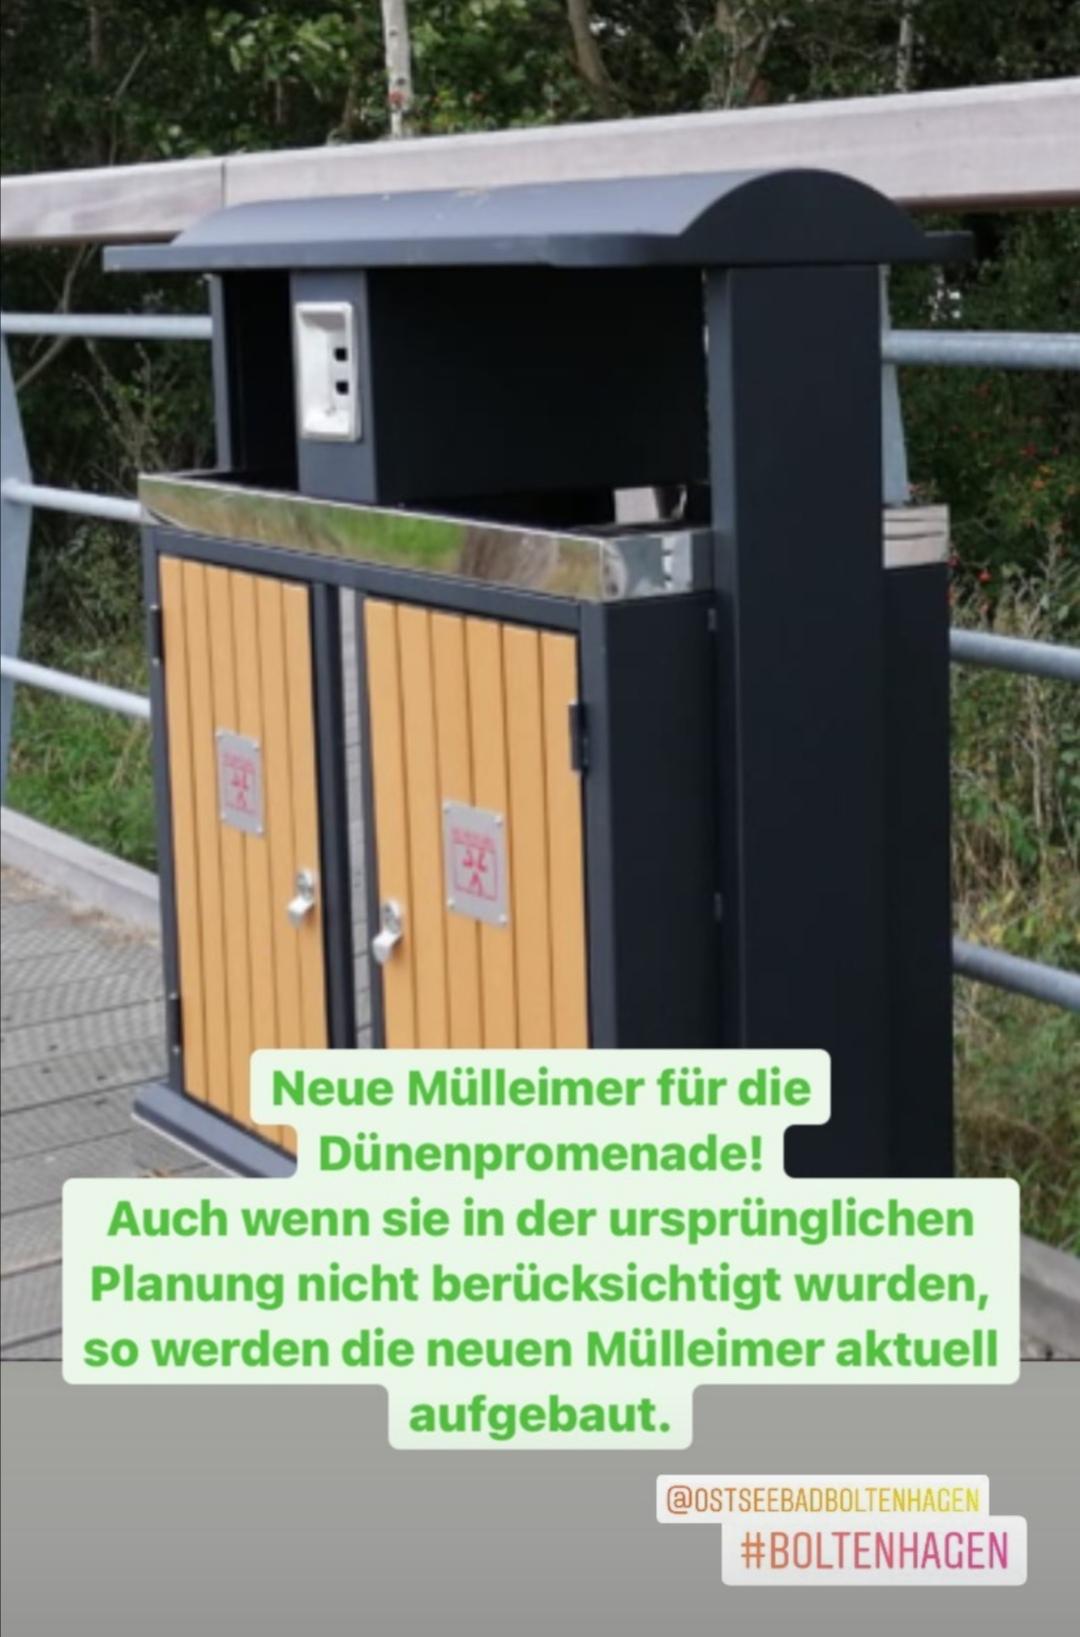 Aktuell werden die neuen Abfallbehälter auf der Dünenpromenade aufgebaut.